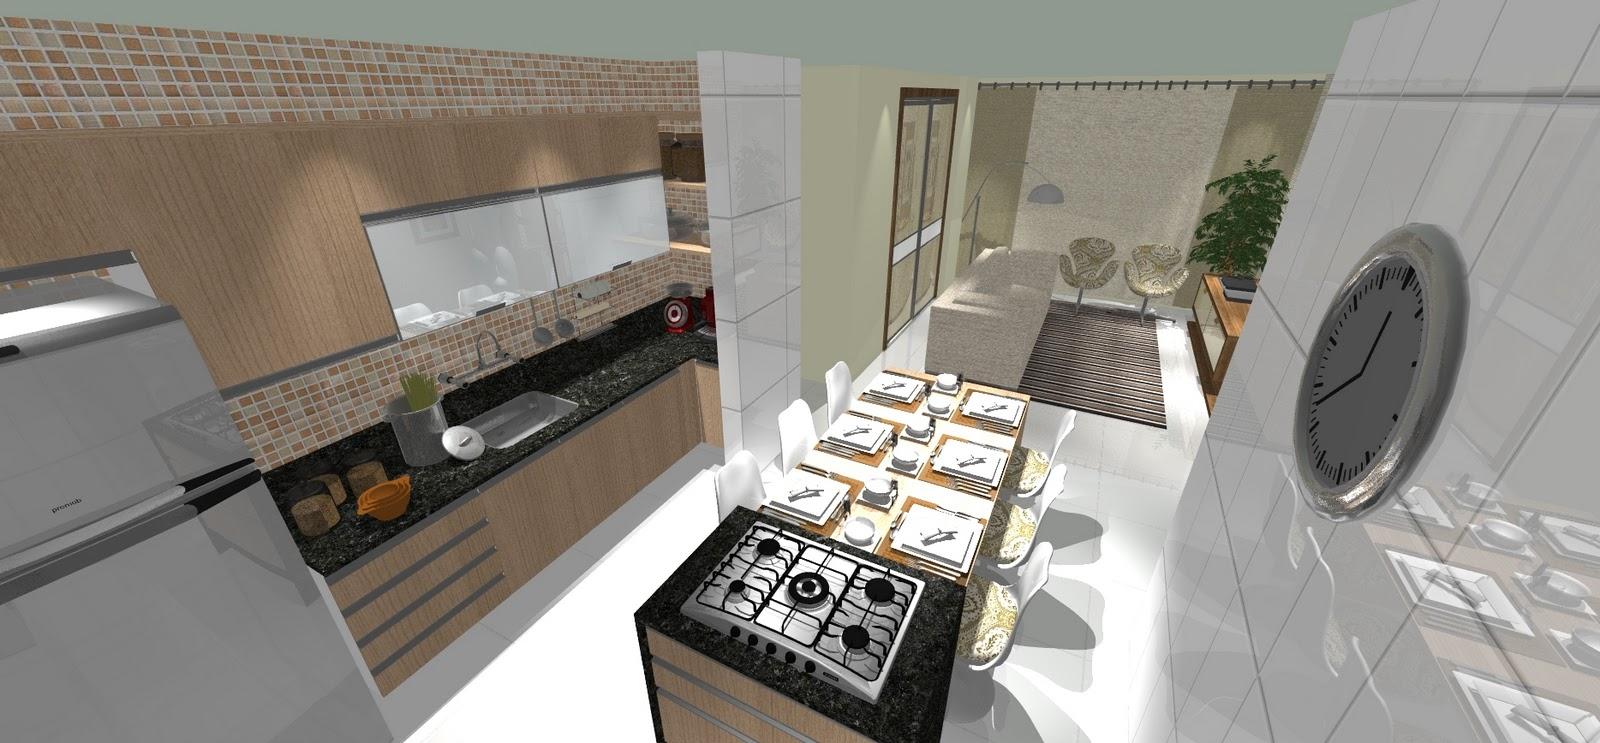 Fogao Ilha Qualidade Segurana Cozinha Preta E Branca Com Coifa Em